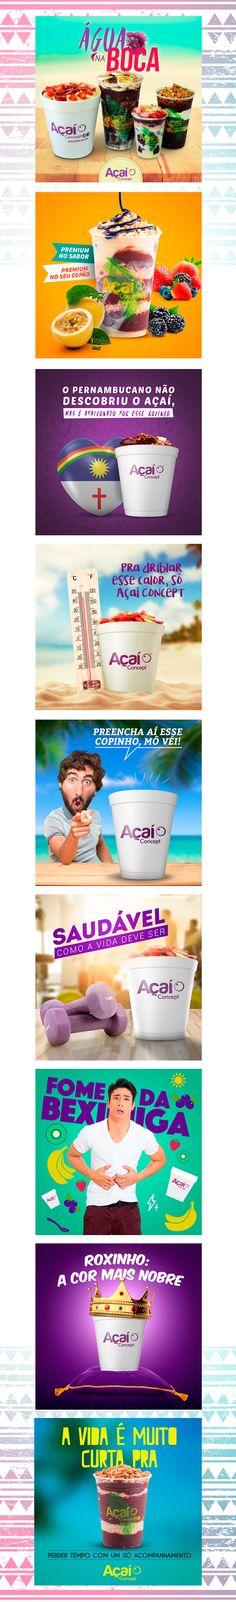 Imagens desenvolvidas para promover a empresa Açaí concept no facebook e instagram